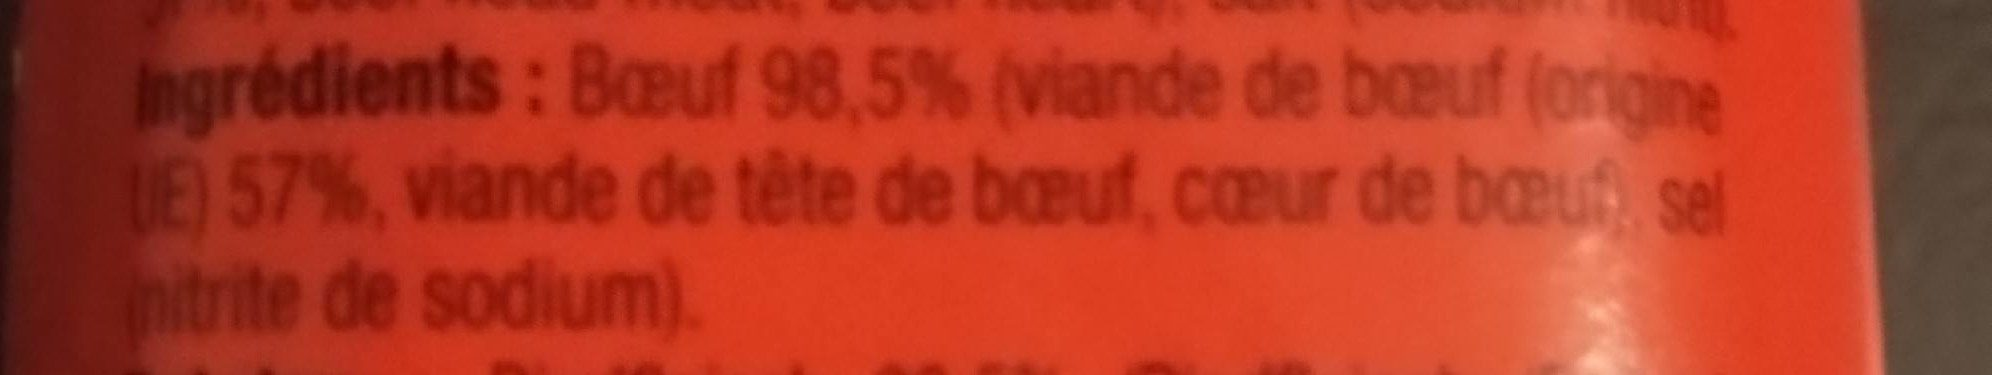 Corned Beef - Ingredients - fr